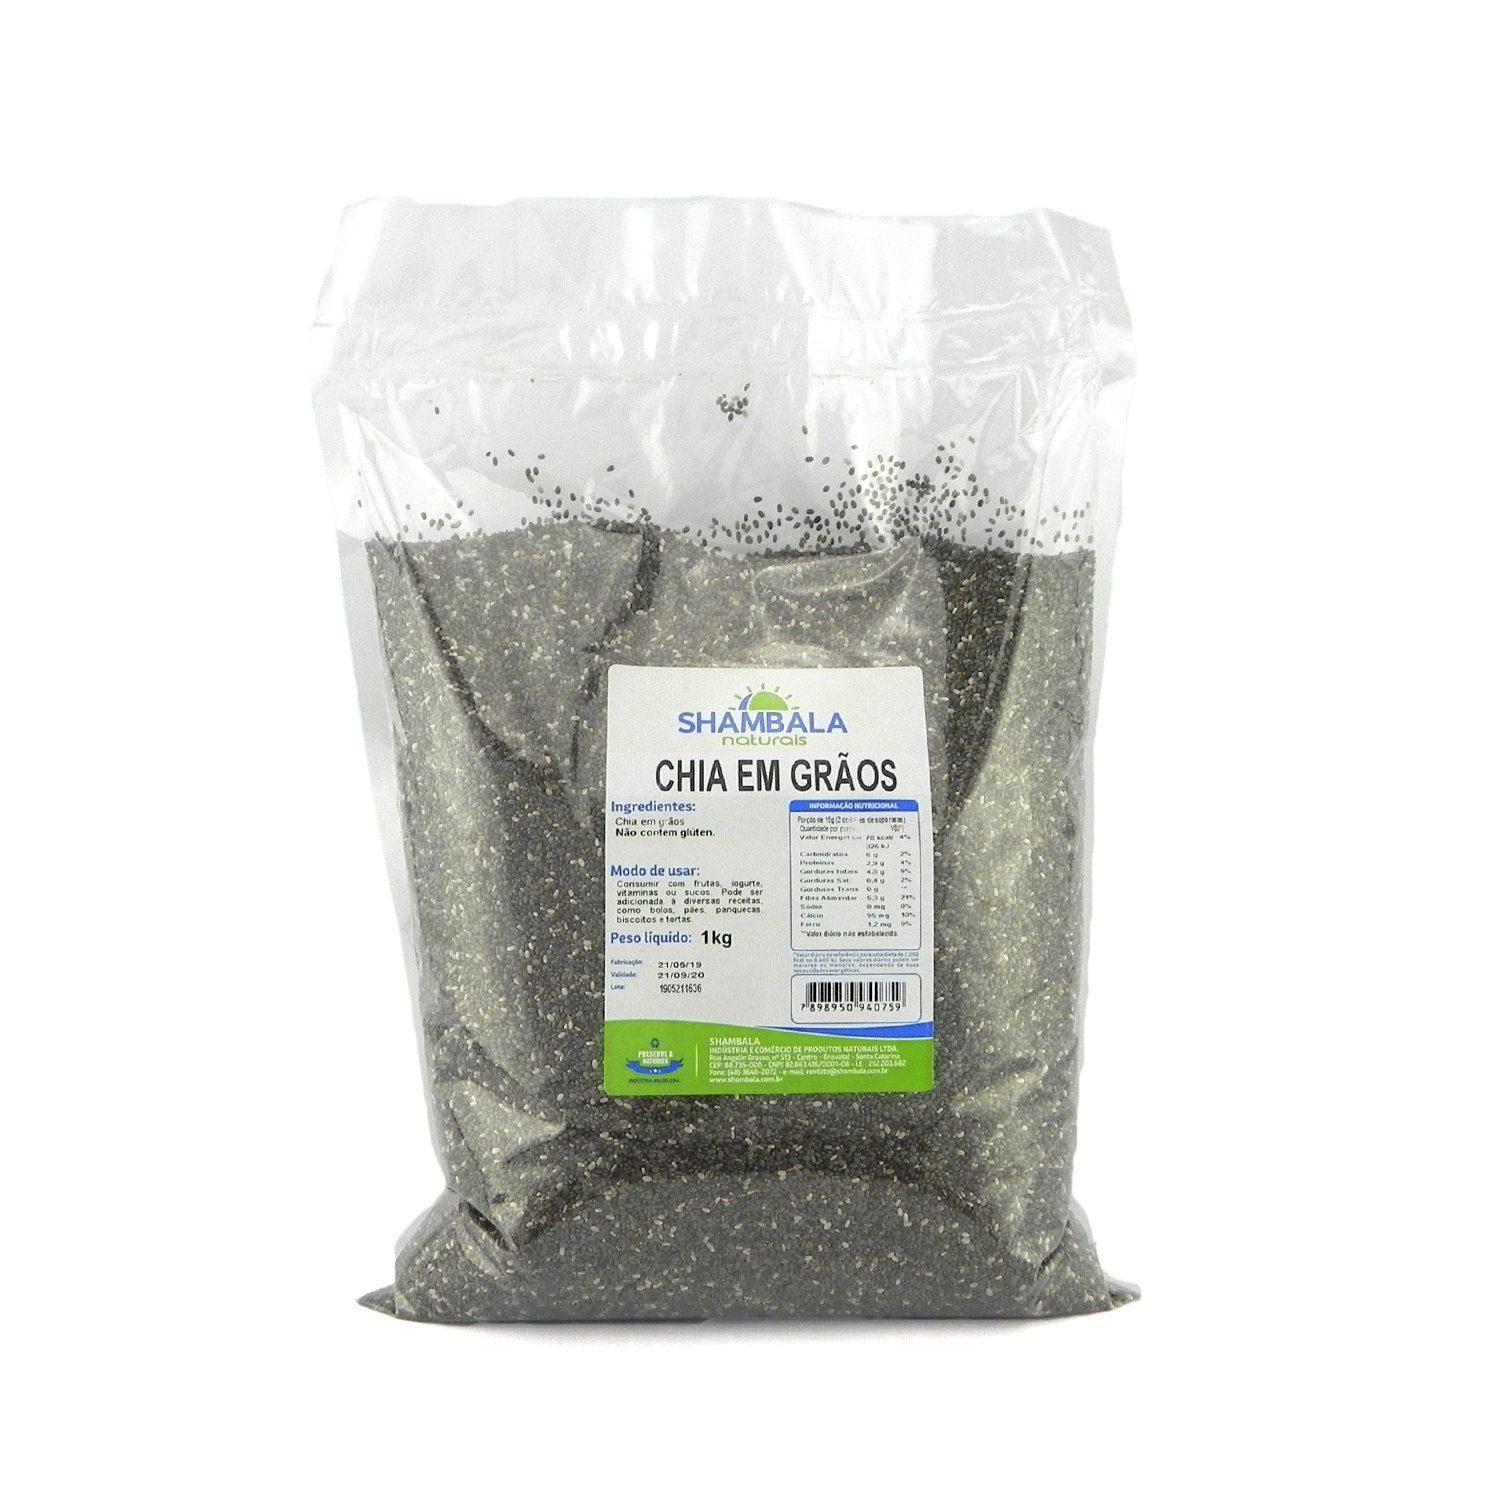 Chia preta em grãos Shambala 1Kg